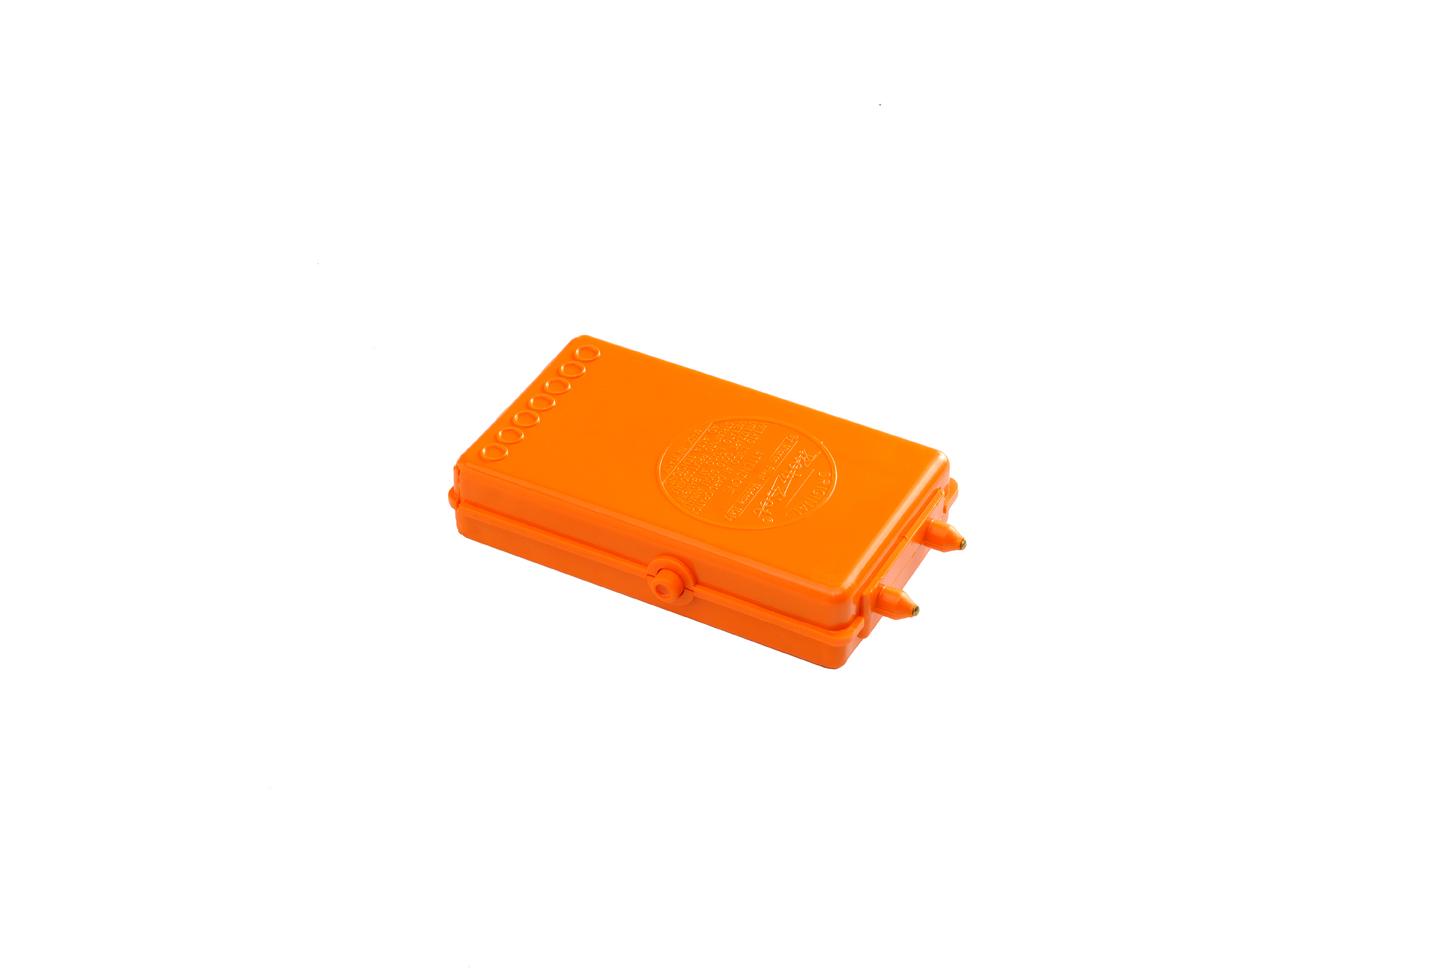 Stimolatore pungolo elettrico tascabile – Codice 413